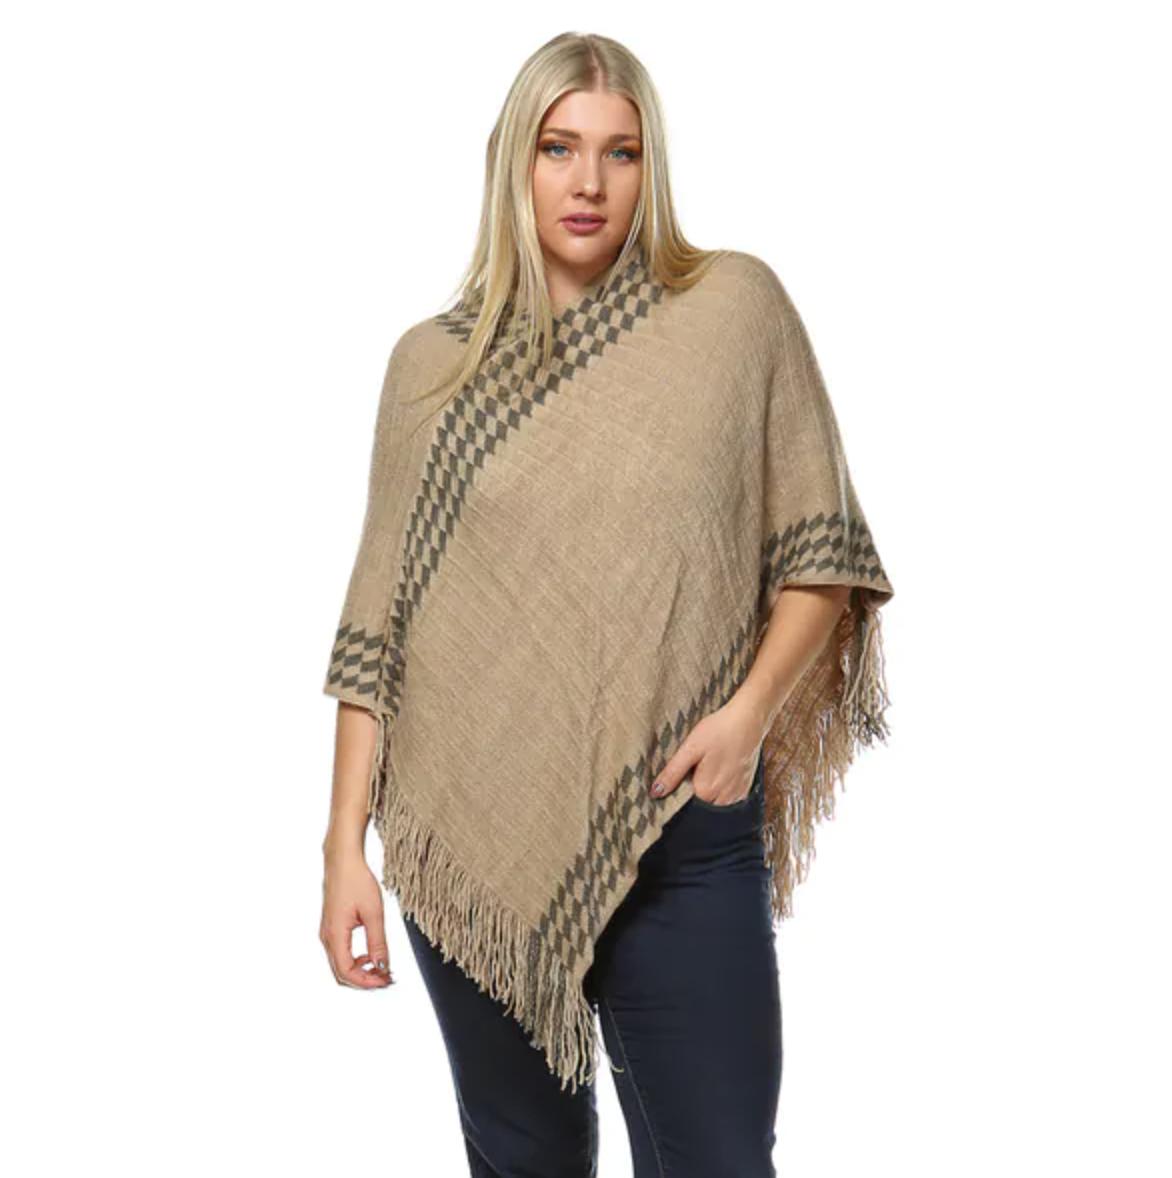 model wearing the poncho in beige